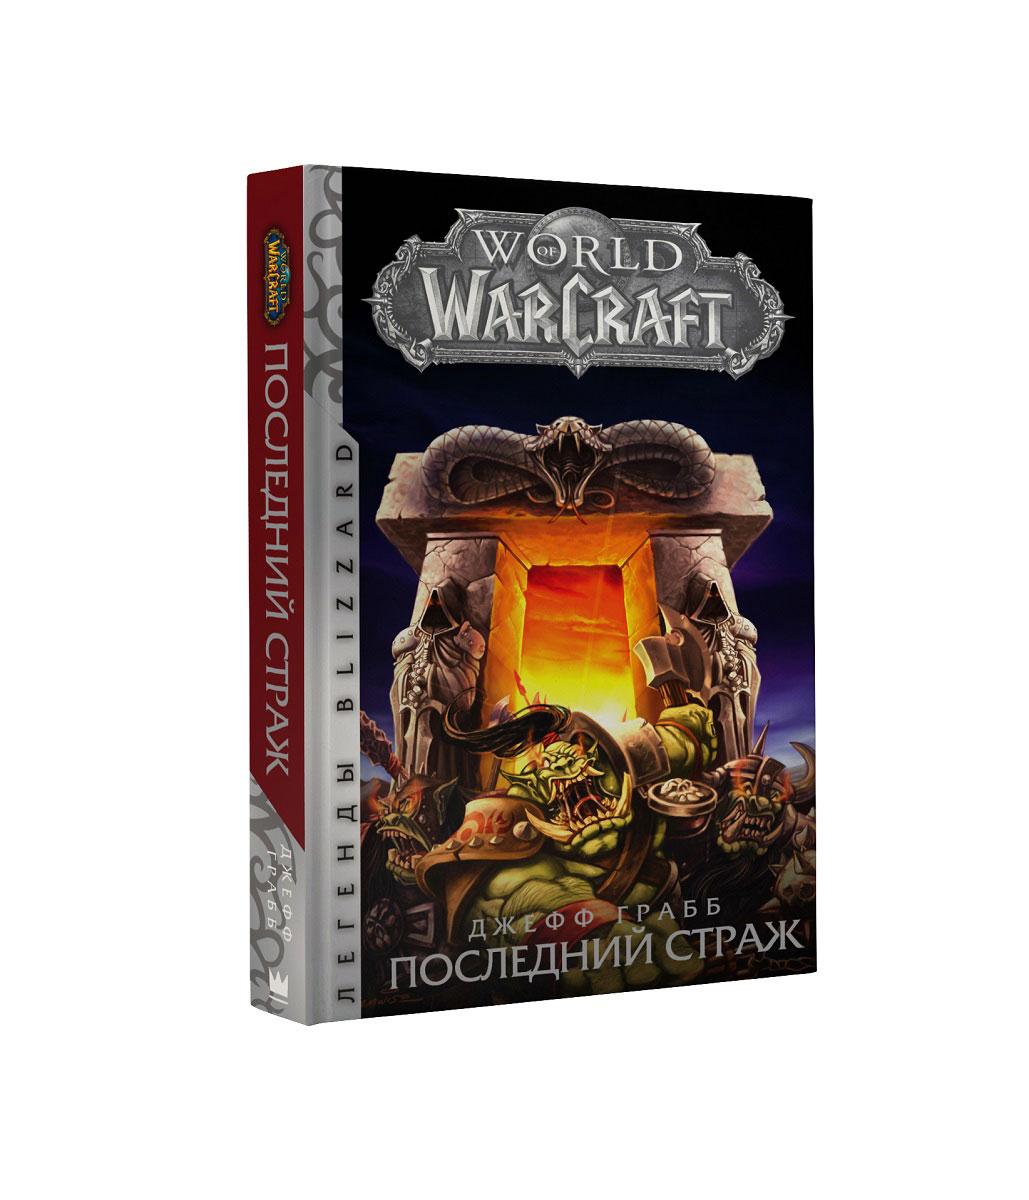 Джефф Грабб World of Warcraft. Последний Страж